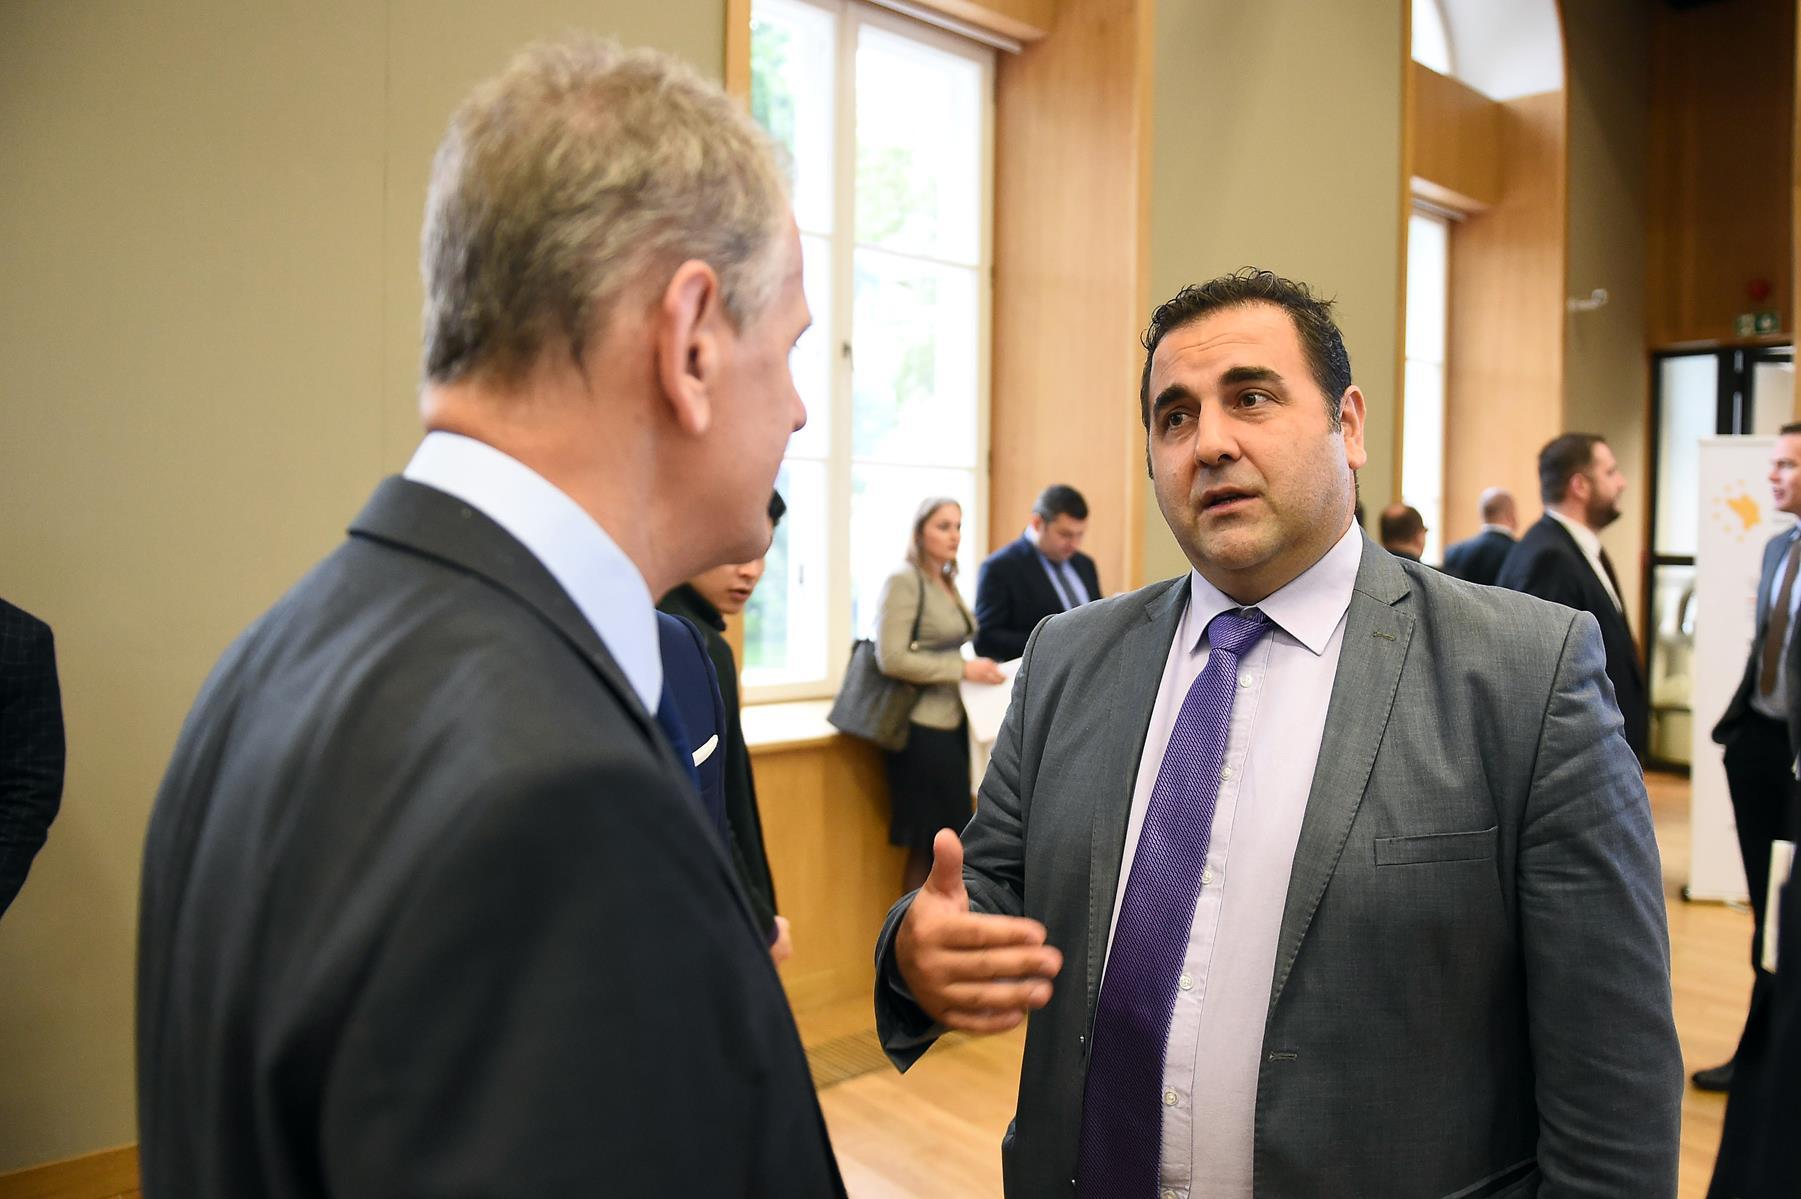 western balkans infrastructure energy geopolitics warsaw institute k9 11